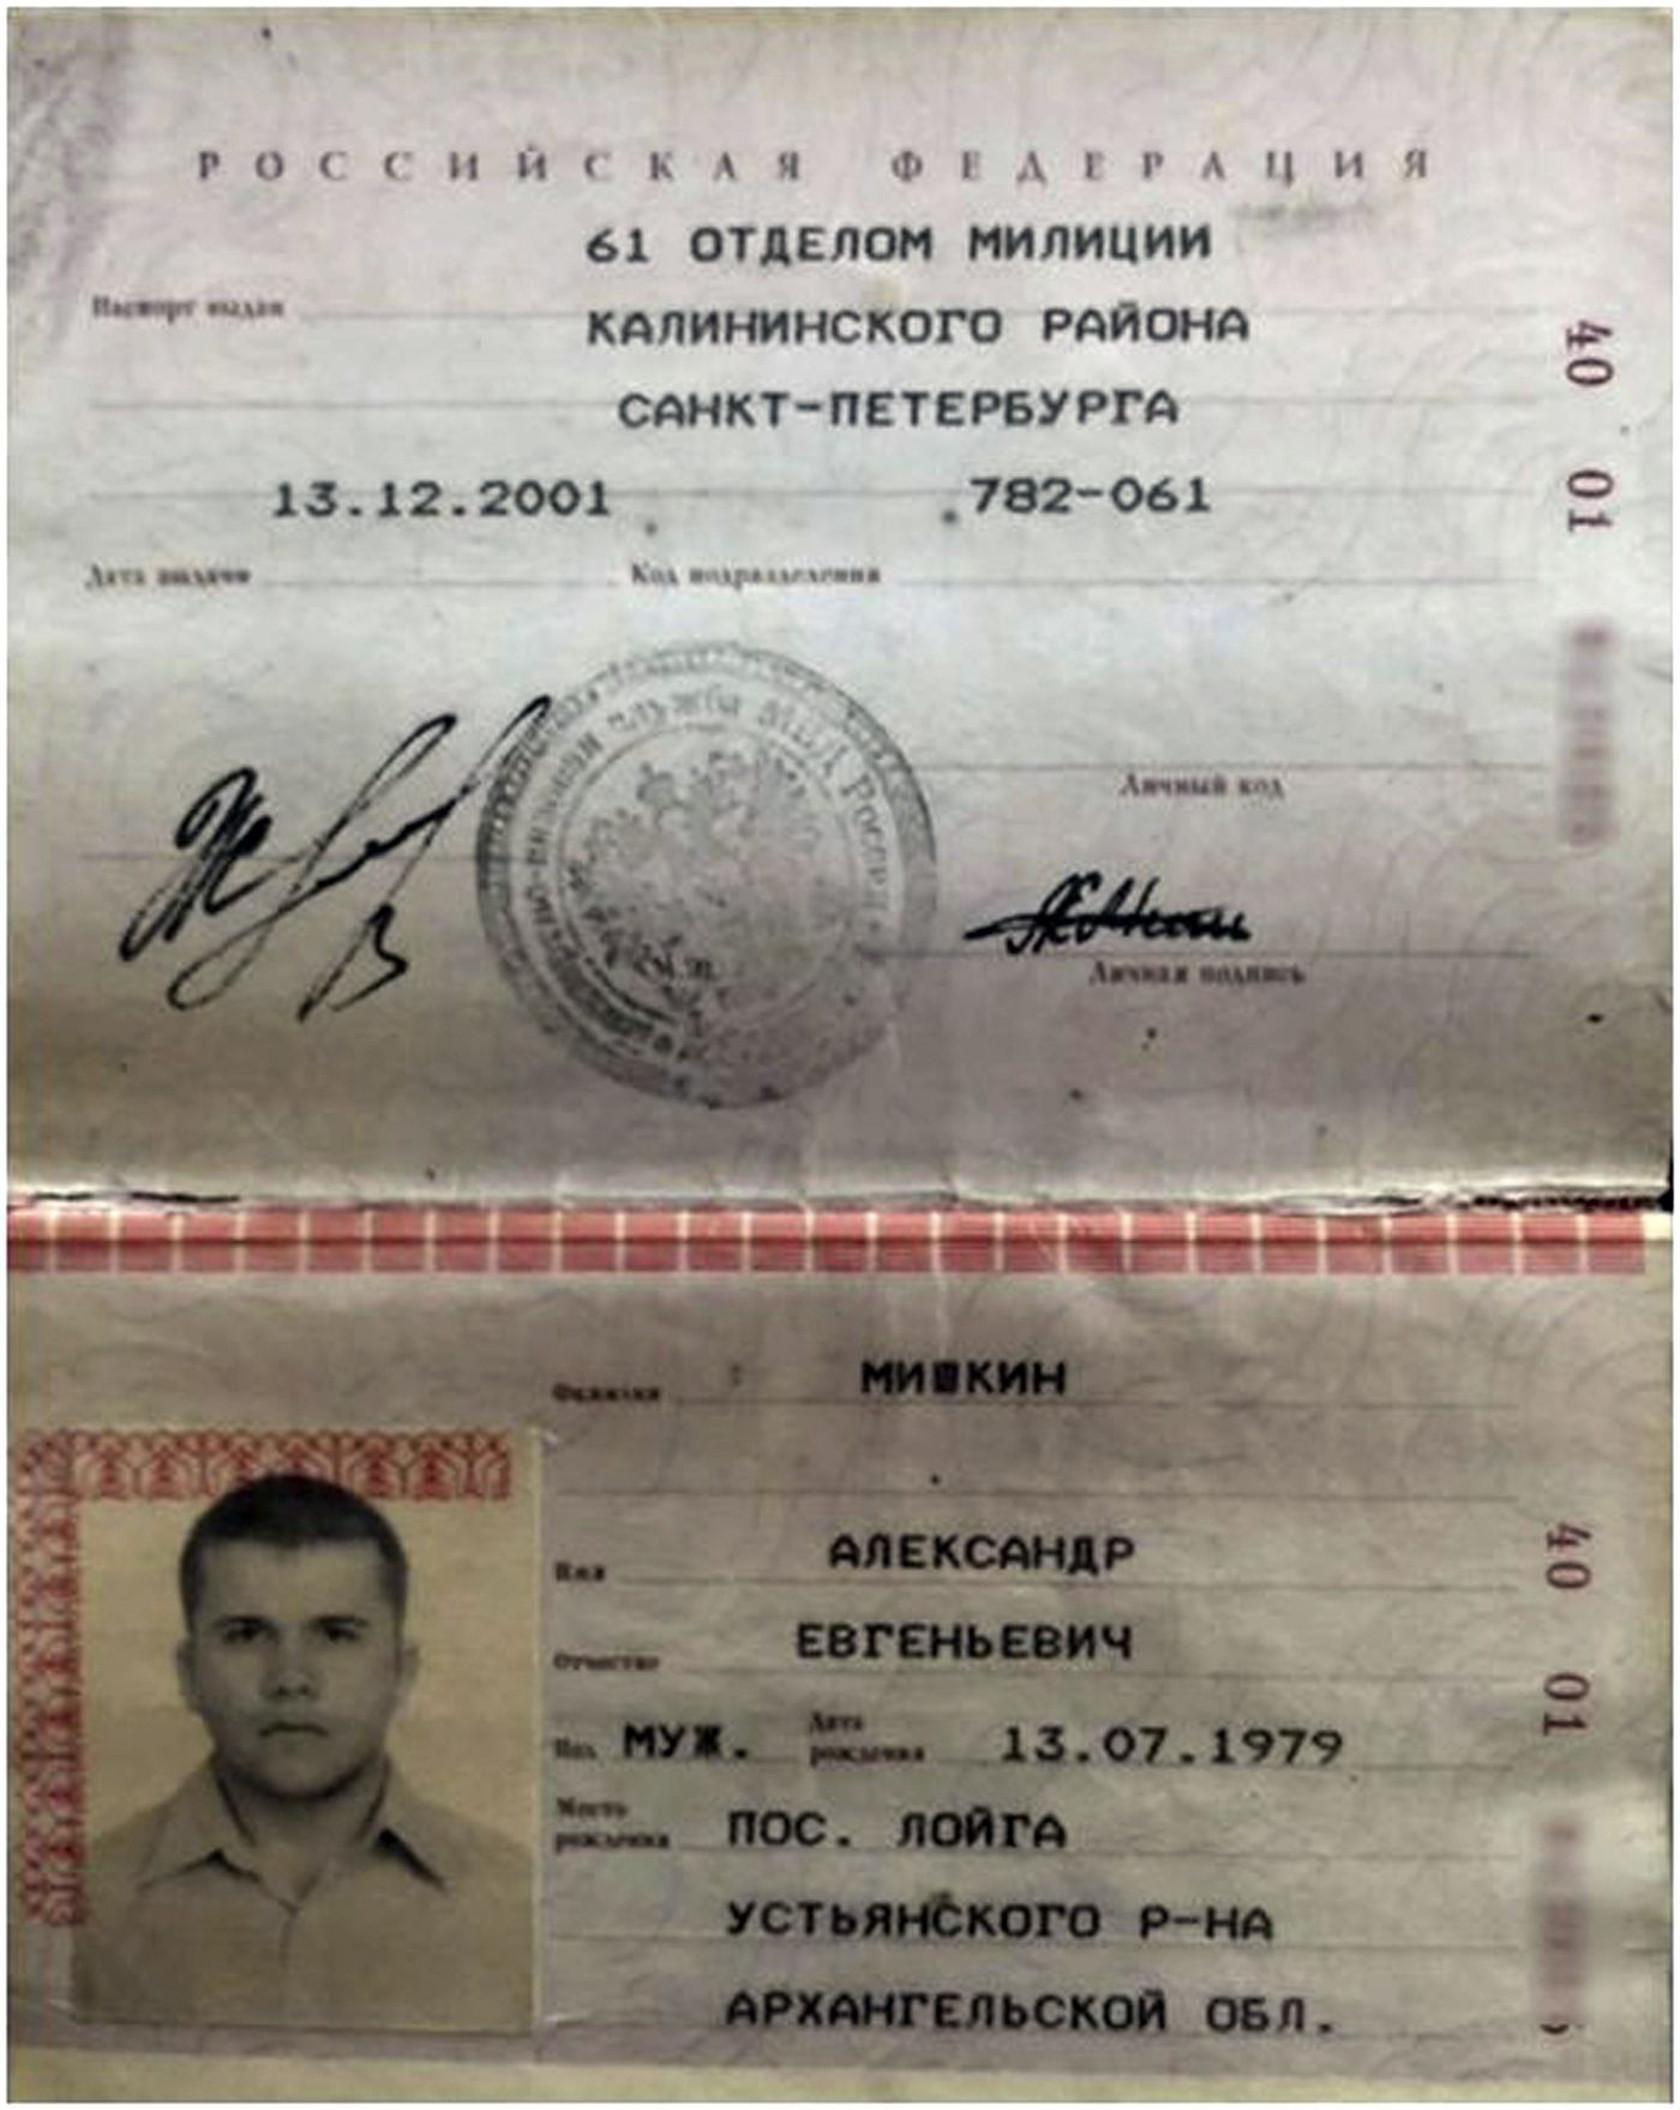 на паспорте якобы врача ГРУ Алекесандра Мишкина